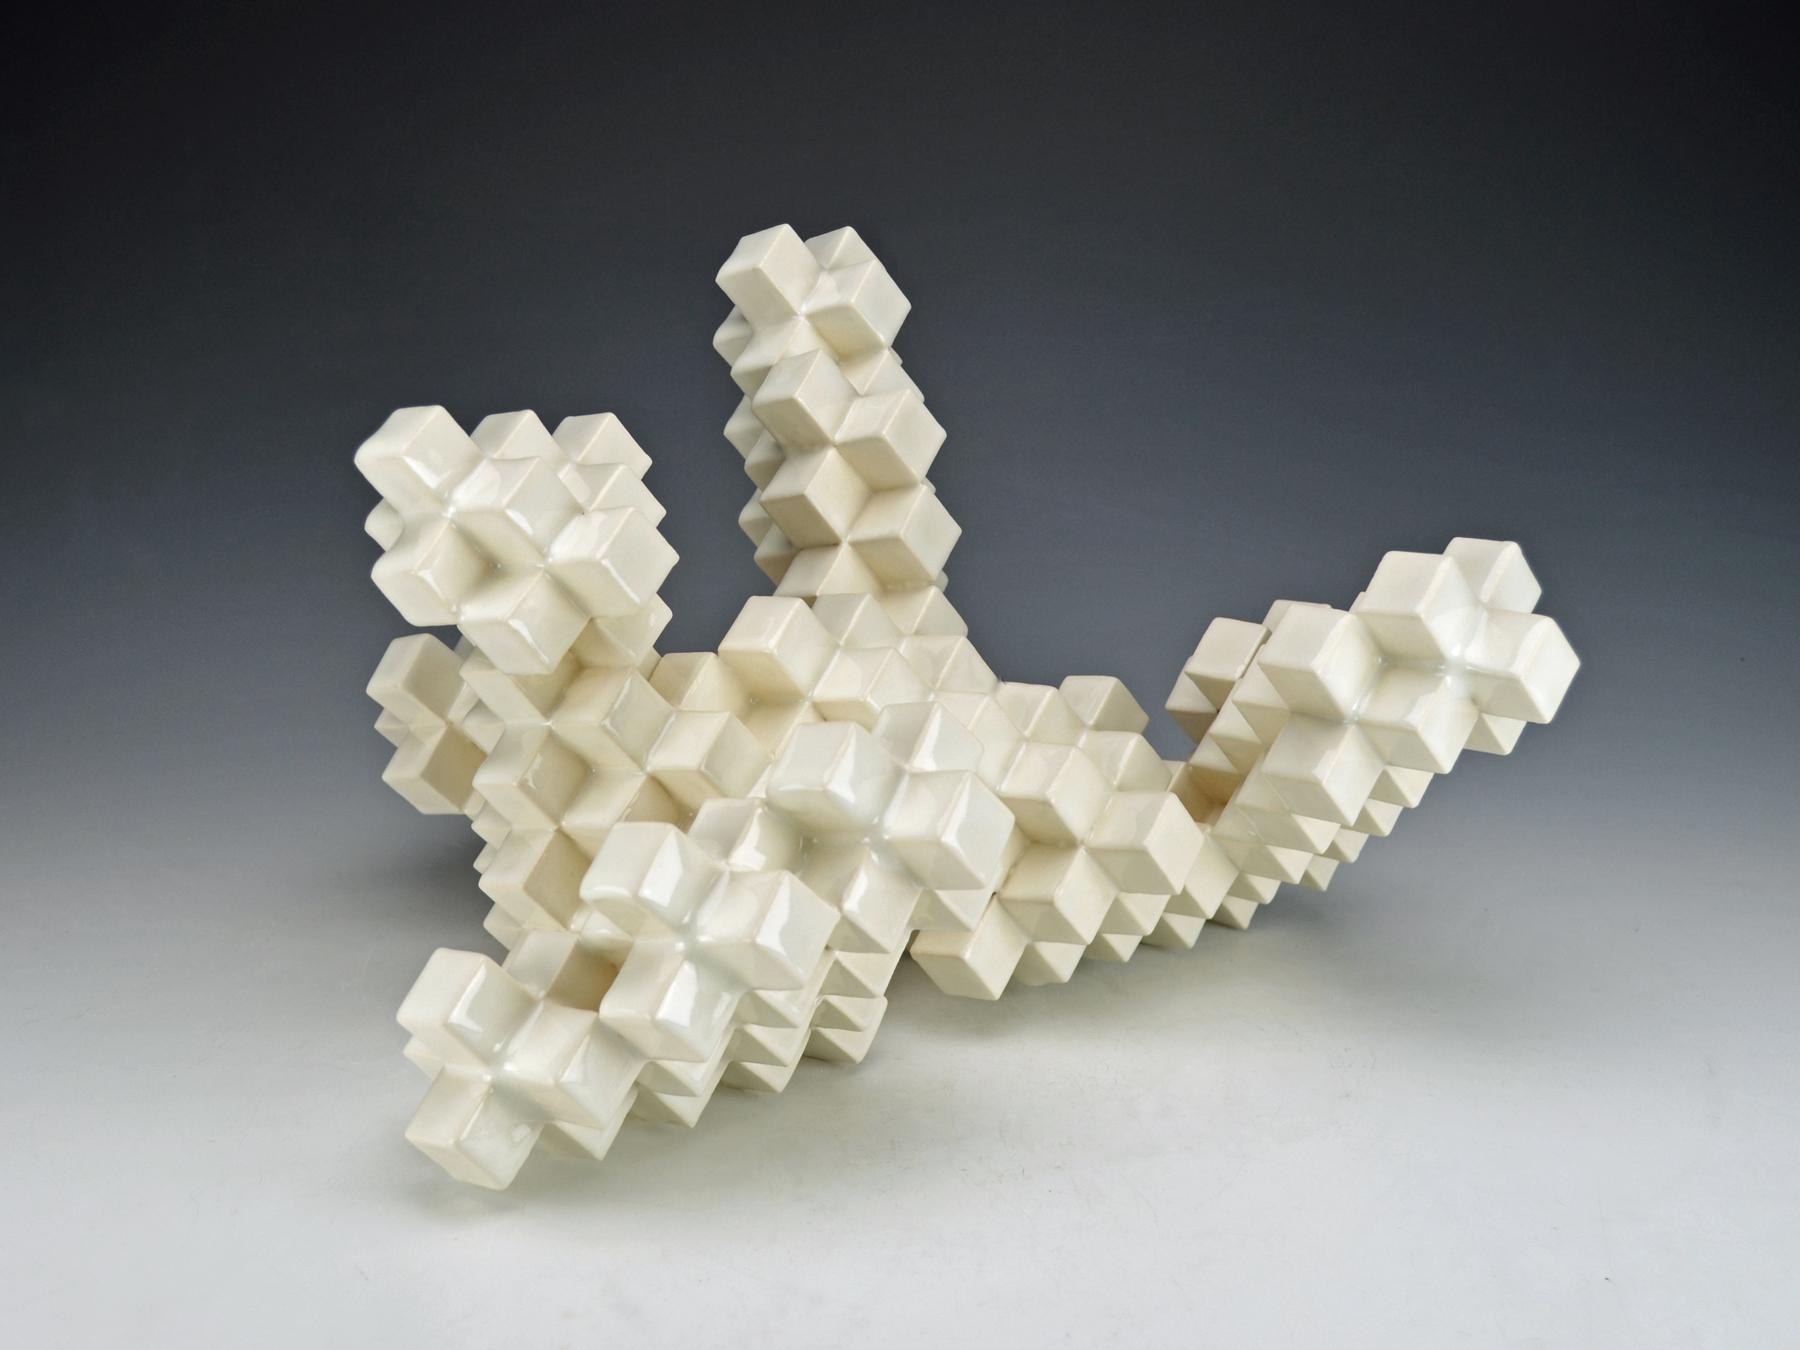 Cubic Series: Construction VI  |  12 x 9 x 18 inches  |  Porcelain, Glaze  |  2017